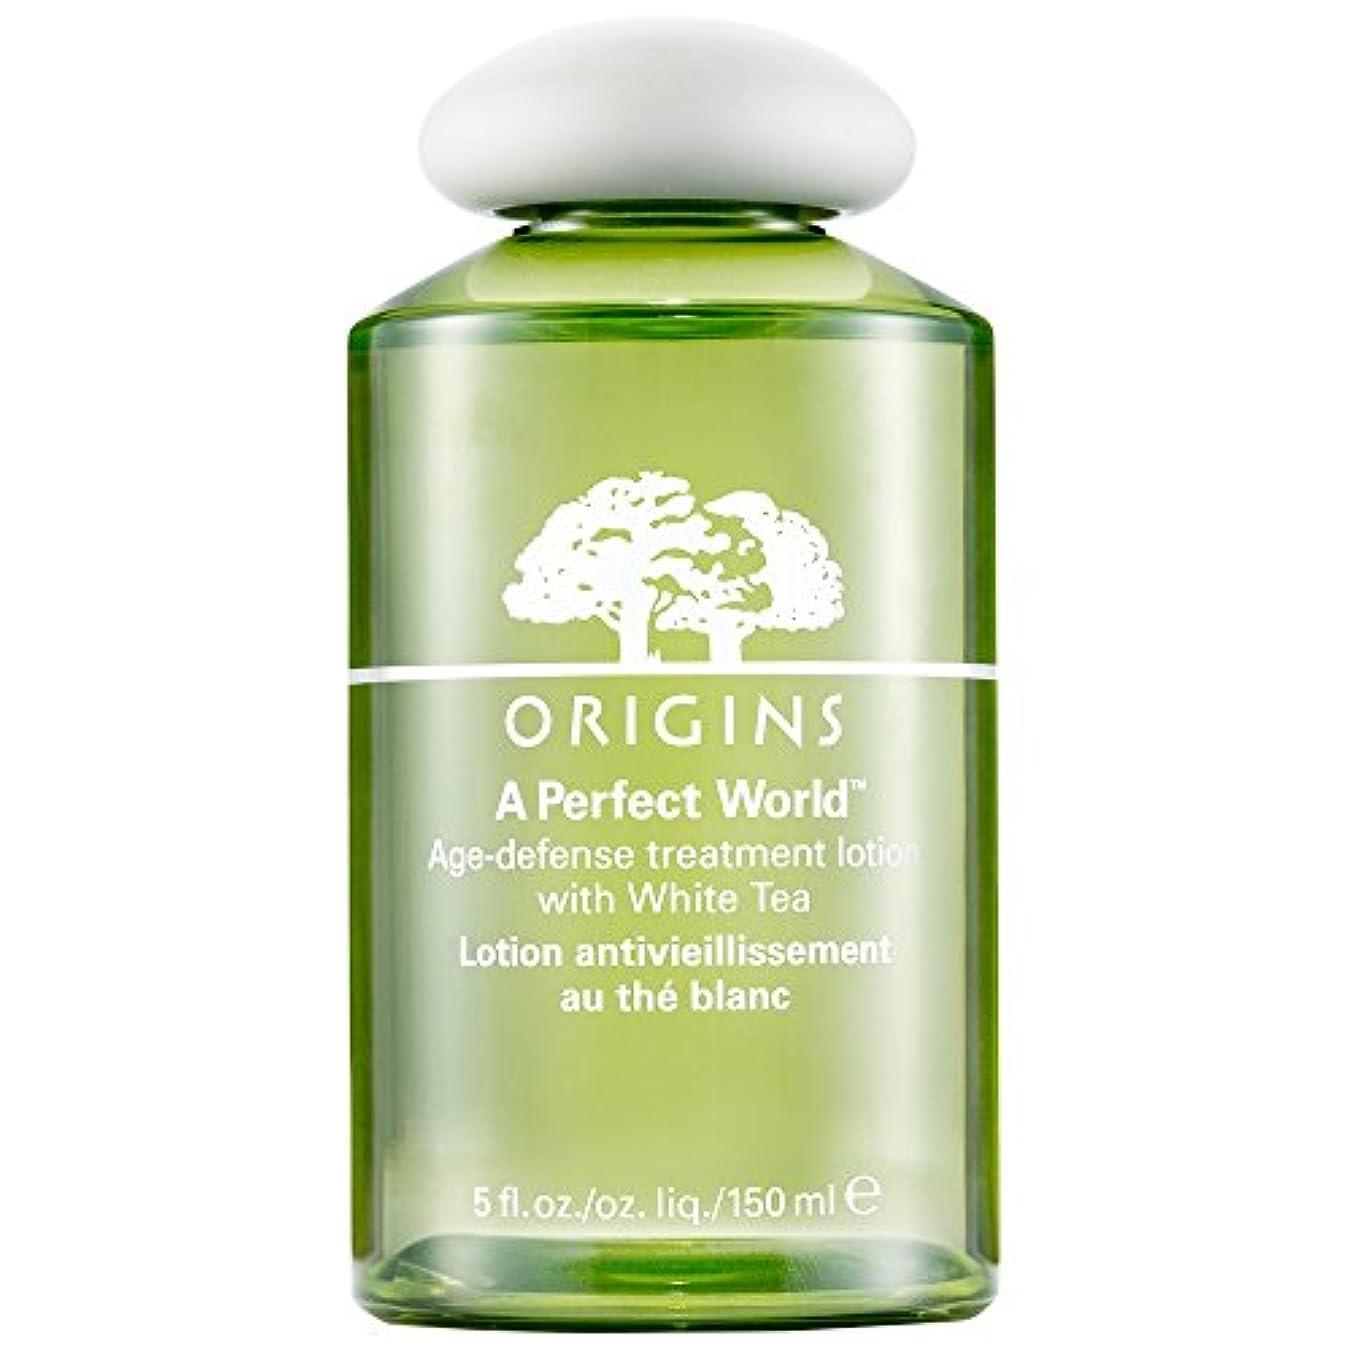 うねる弾力性のあるロンドン起源ホワイトティー、150ミリリットルとの完璧な世界の年齢防衛トリートメントローション (Origins) (x6) - Origins A Perfect World Age Defense Treatment Lotion...